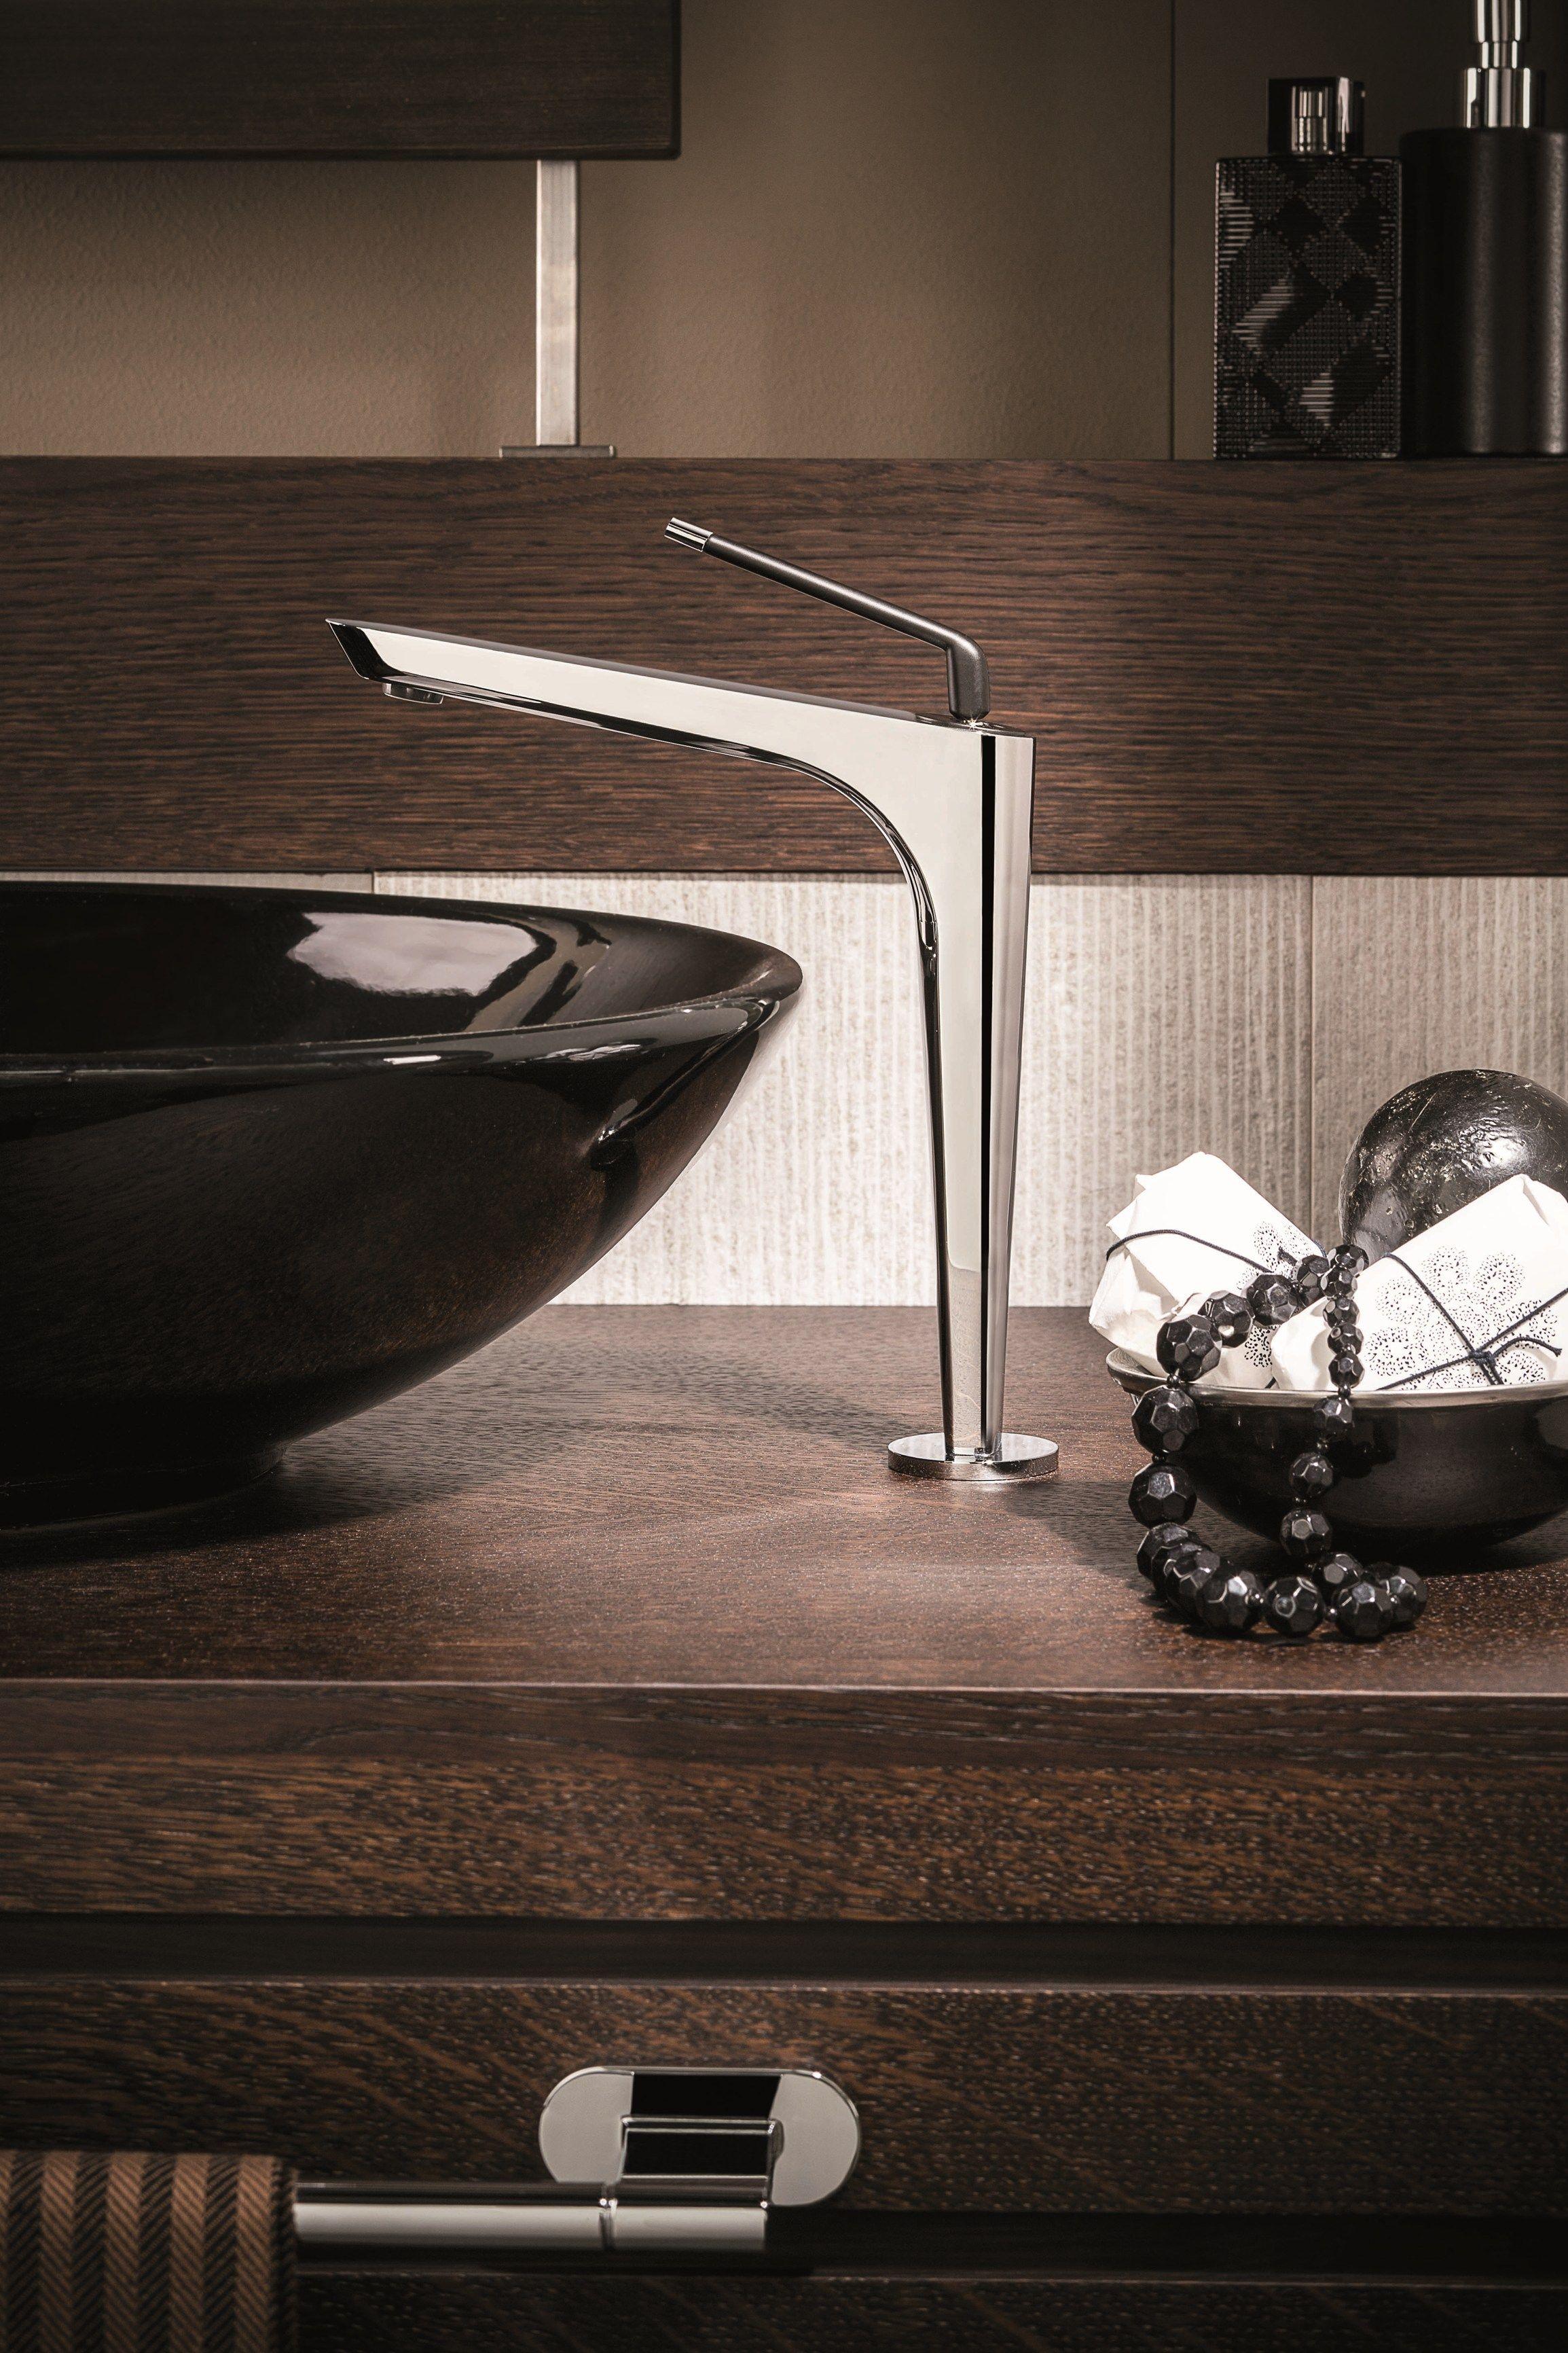 Mezclador de lavabo Colección O\'RAMA by NEWFORM | HOME (Griferías ...